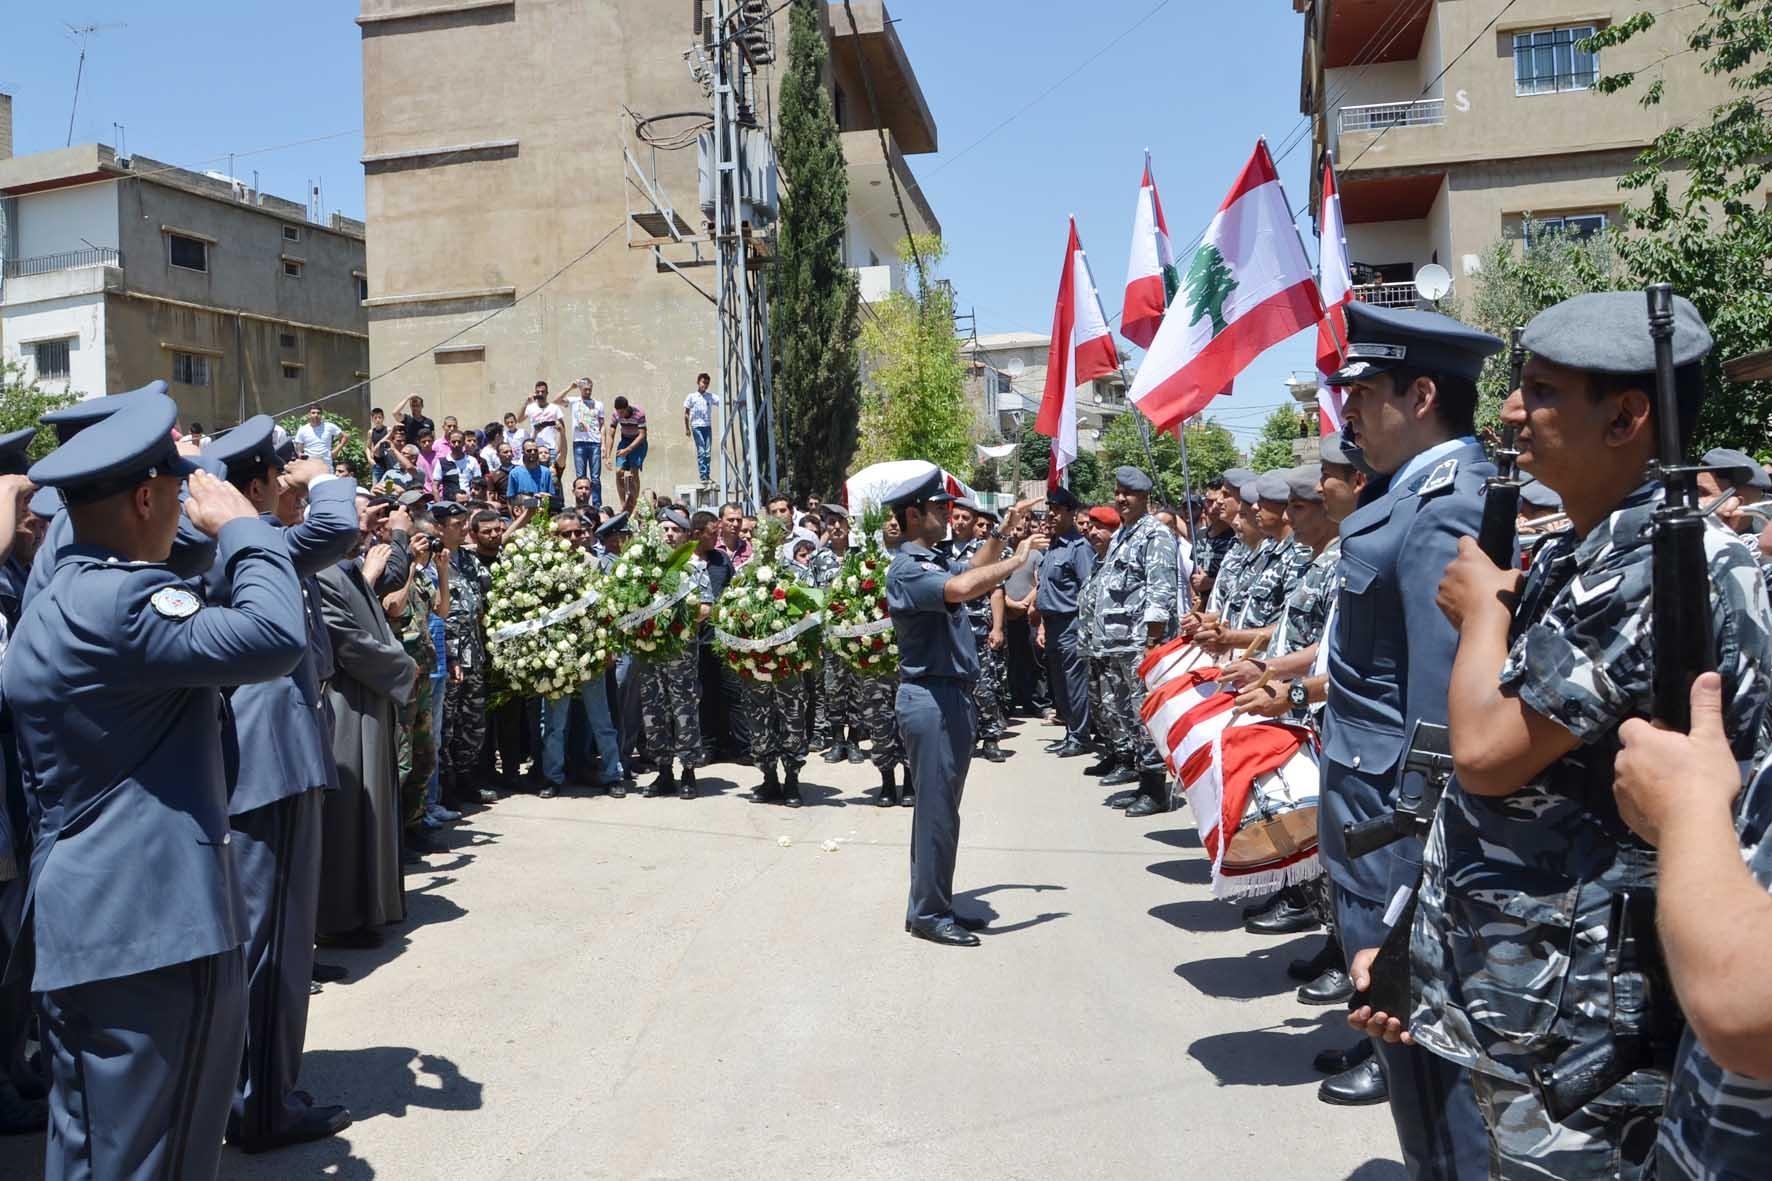 ولنا كلمة: الوحدة هي أفضل دفاع عن لبنان